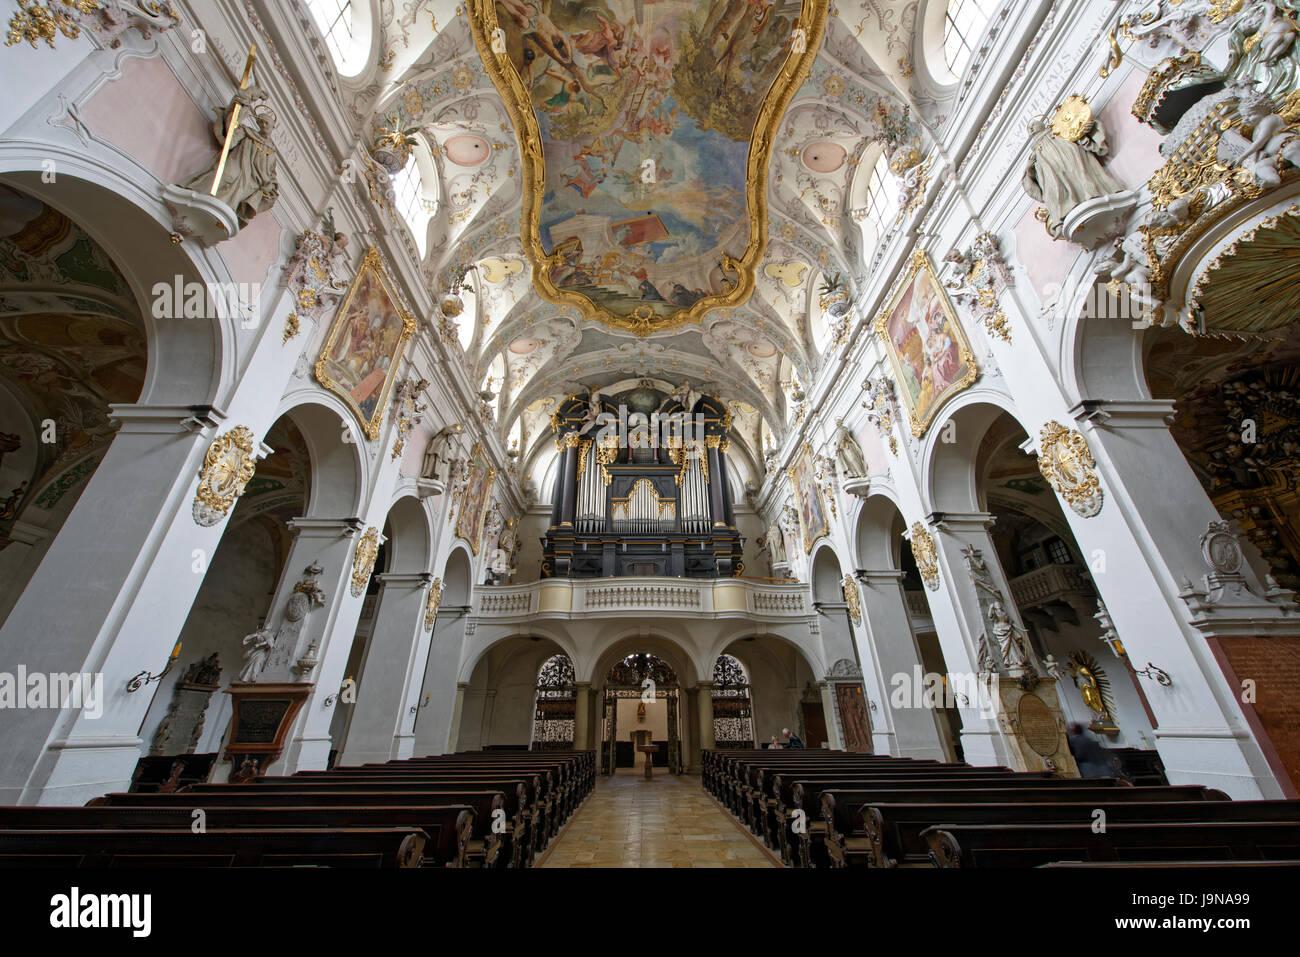 Feiern Sie Im Prachtvollen Romantiksaal Schloss Thurn Events